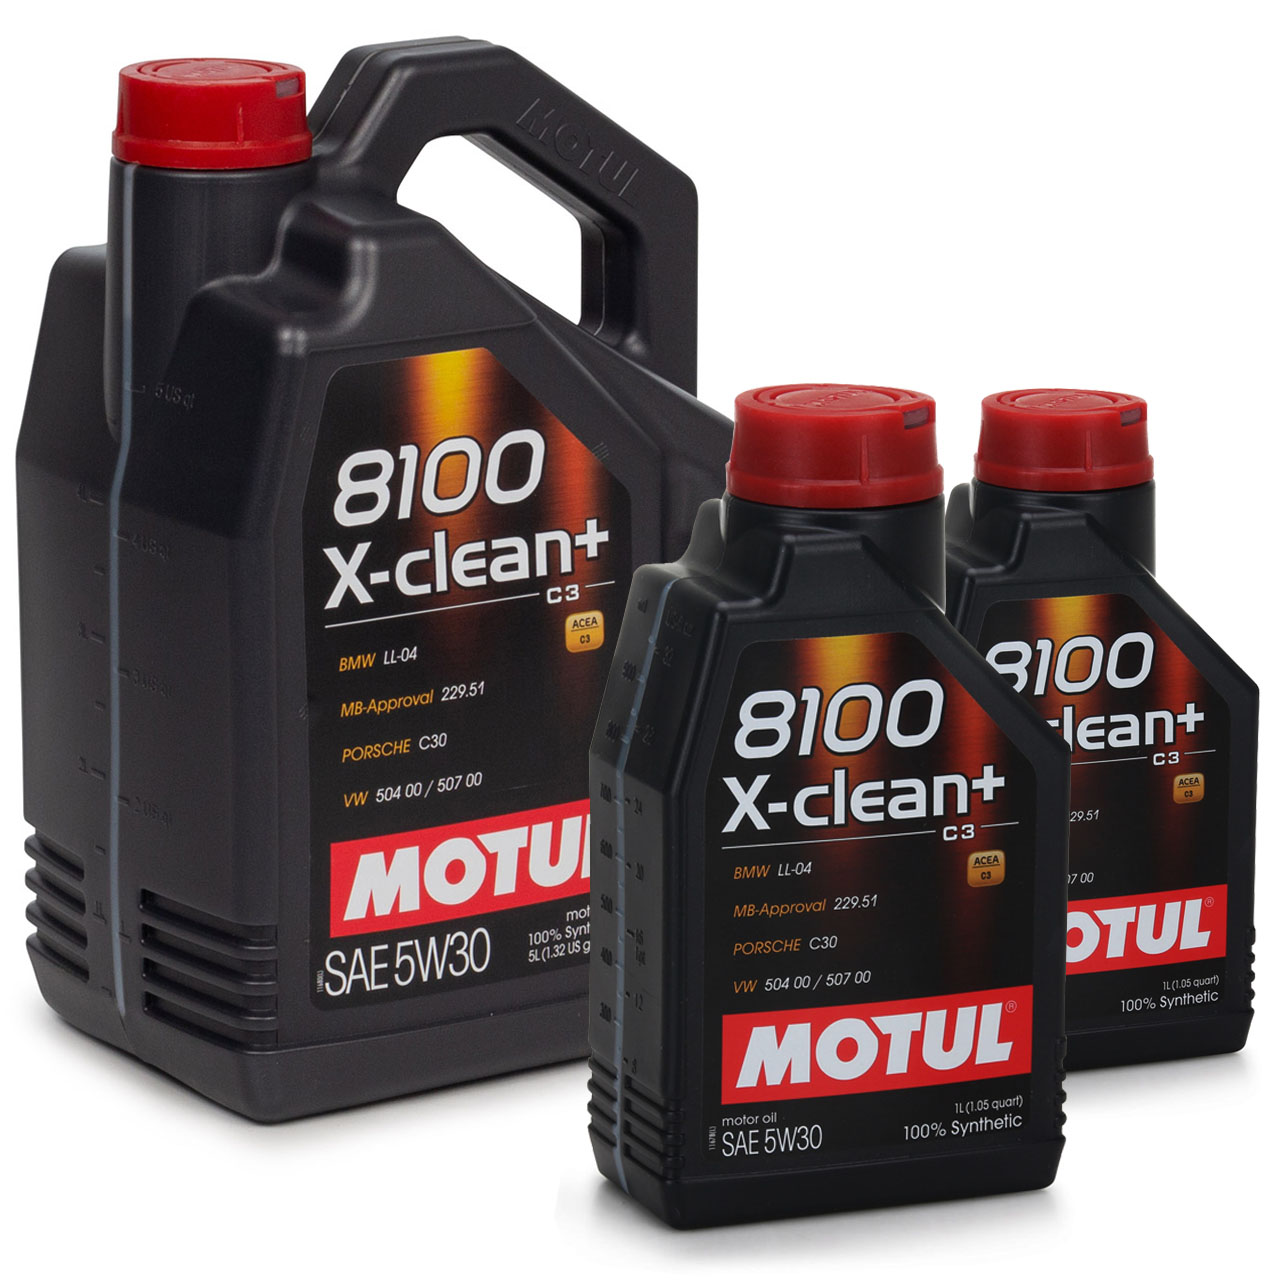 MOTUL 8100 X-clean+ C3 Motoröl Öl 5W30 BMW LL04 MB 229.51 VW 504/507.00 7 Liter